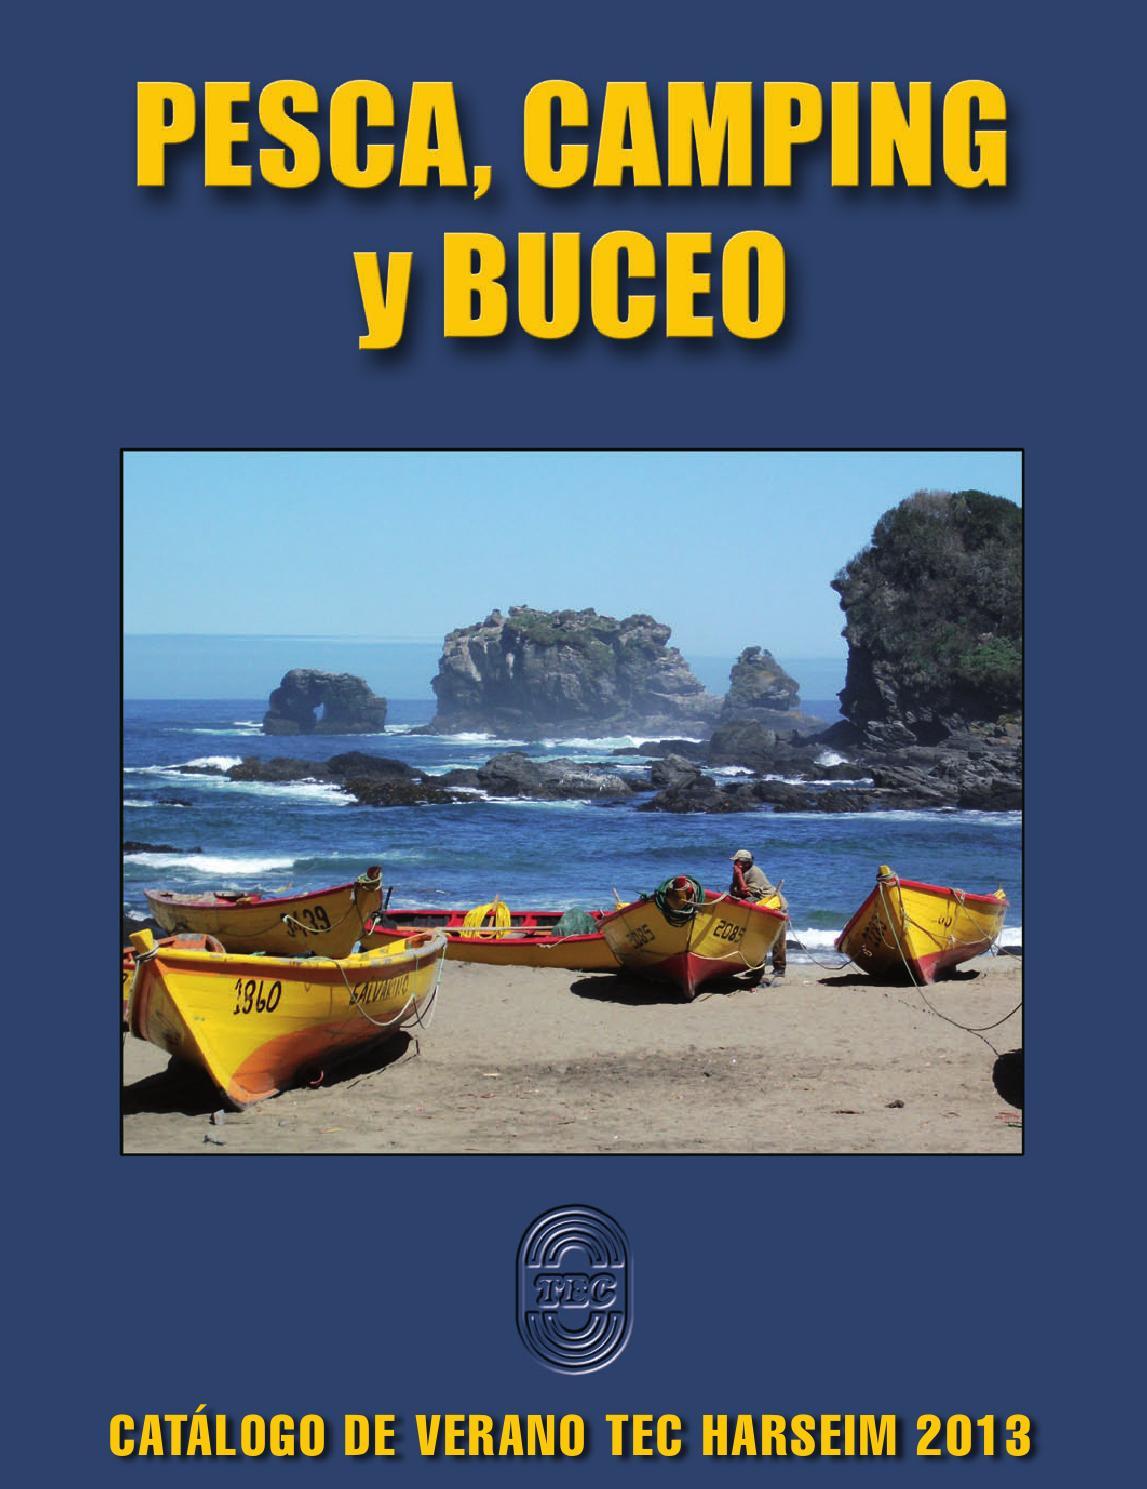 Pesca, Camping y Buceo - Catálogo 2013 by TEC Harseim Ltda. - - issuu